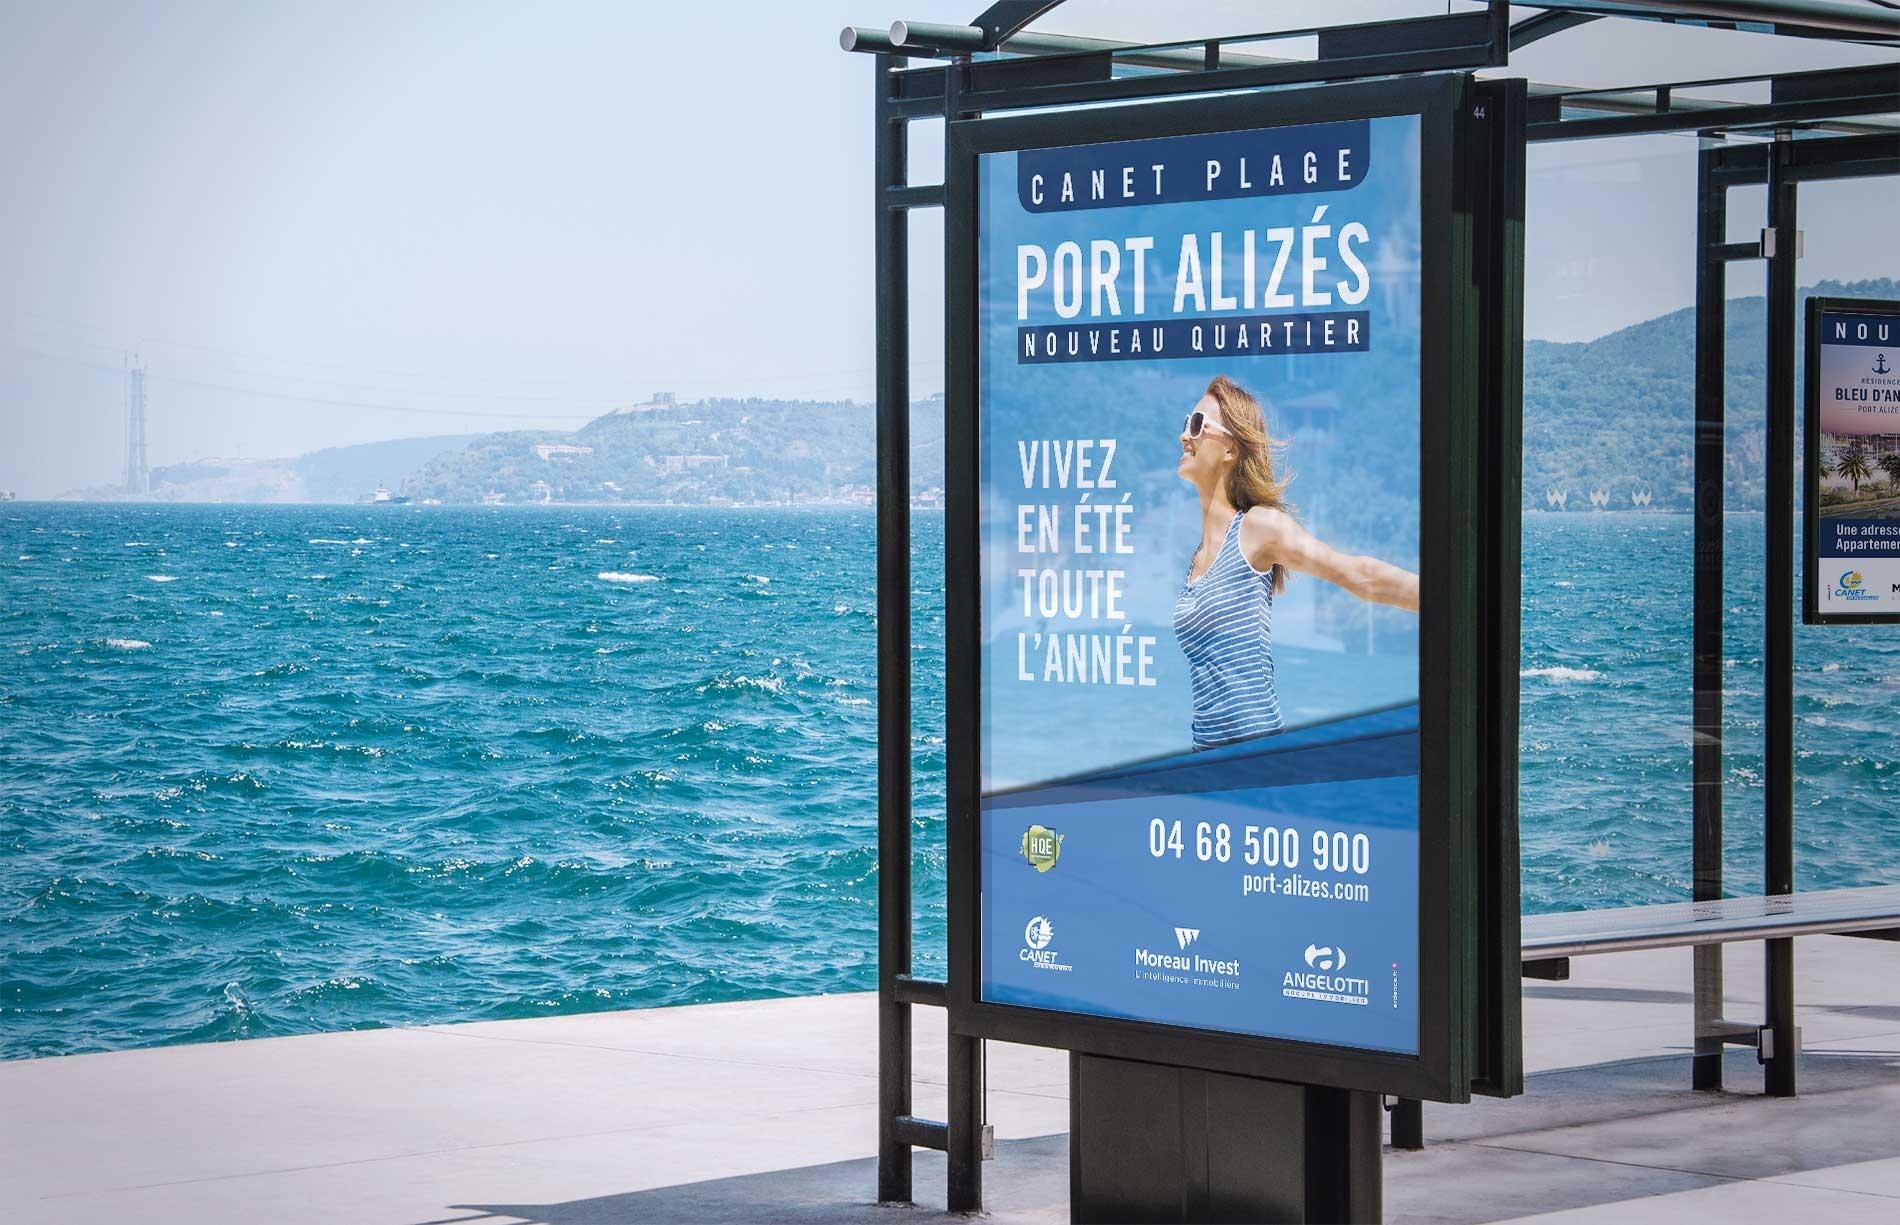 Communication globale nouveau quartier Port Alizés